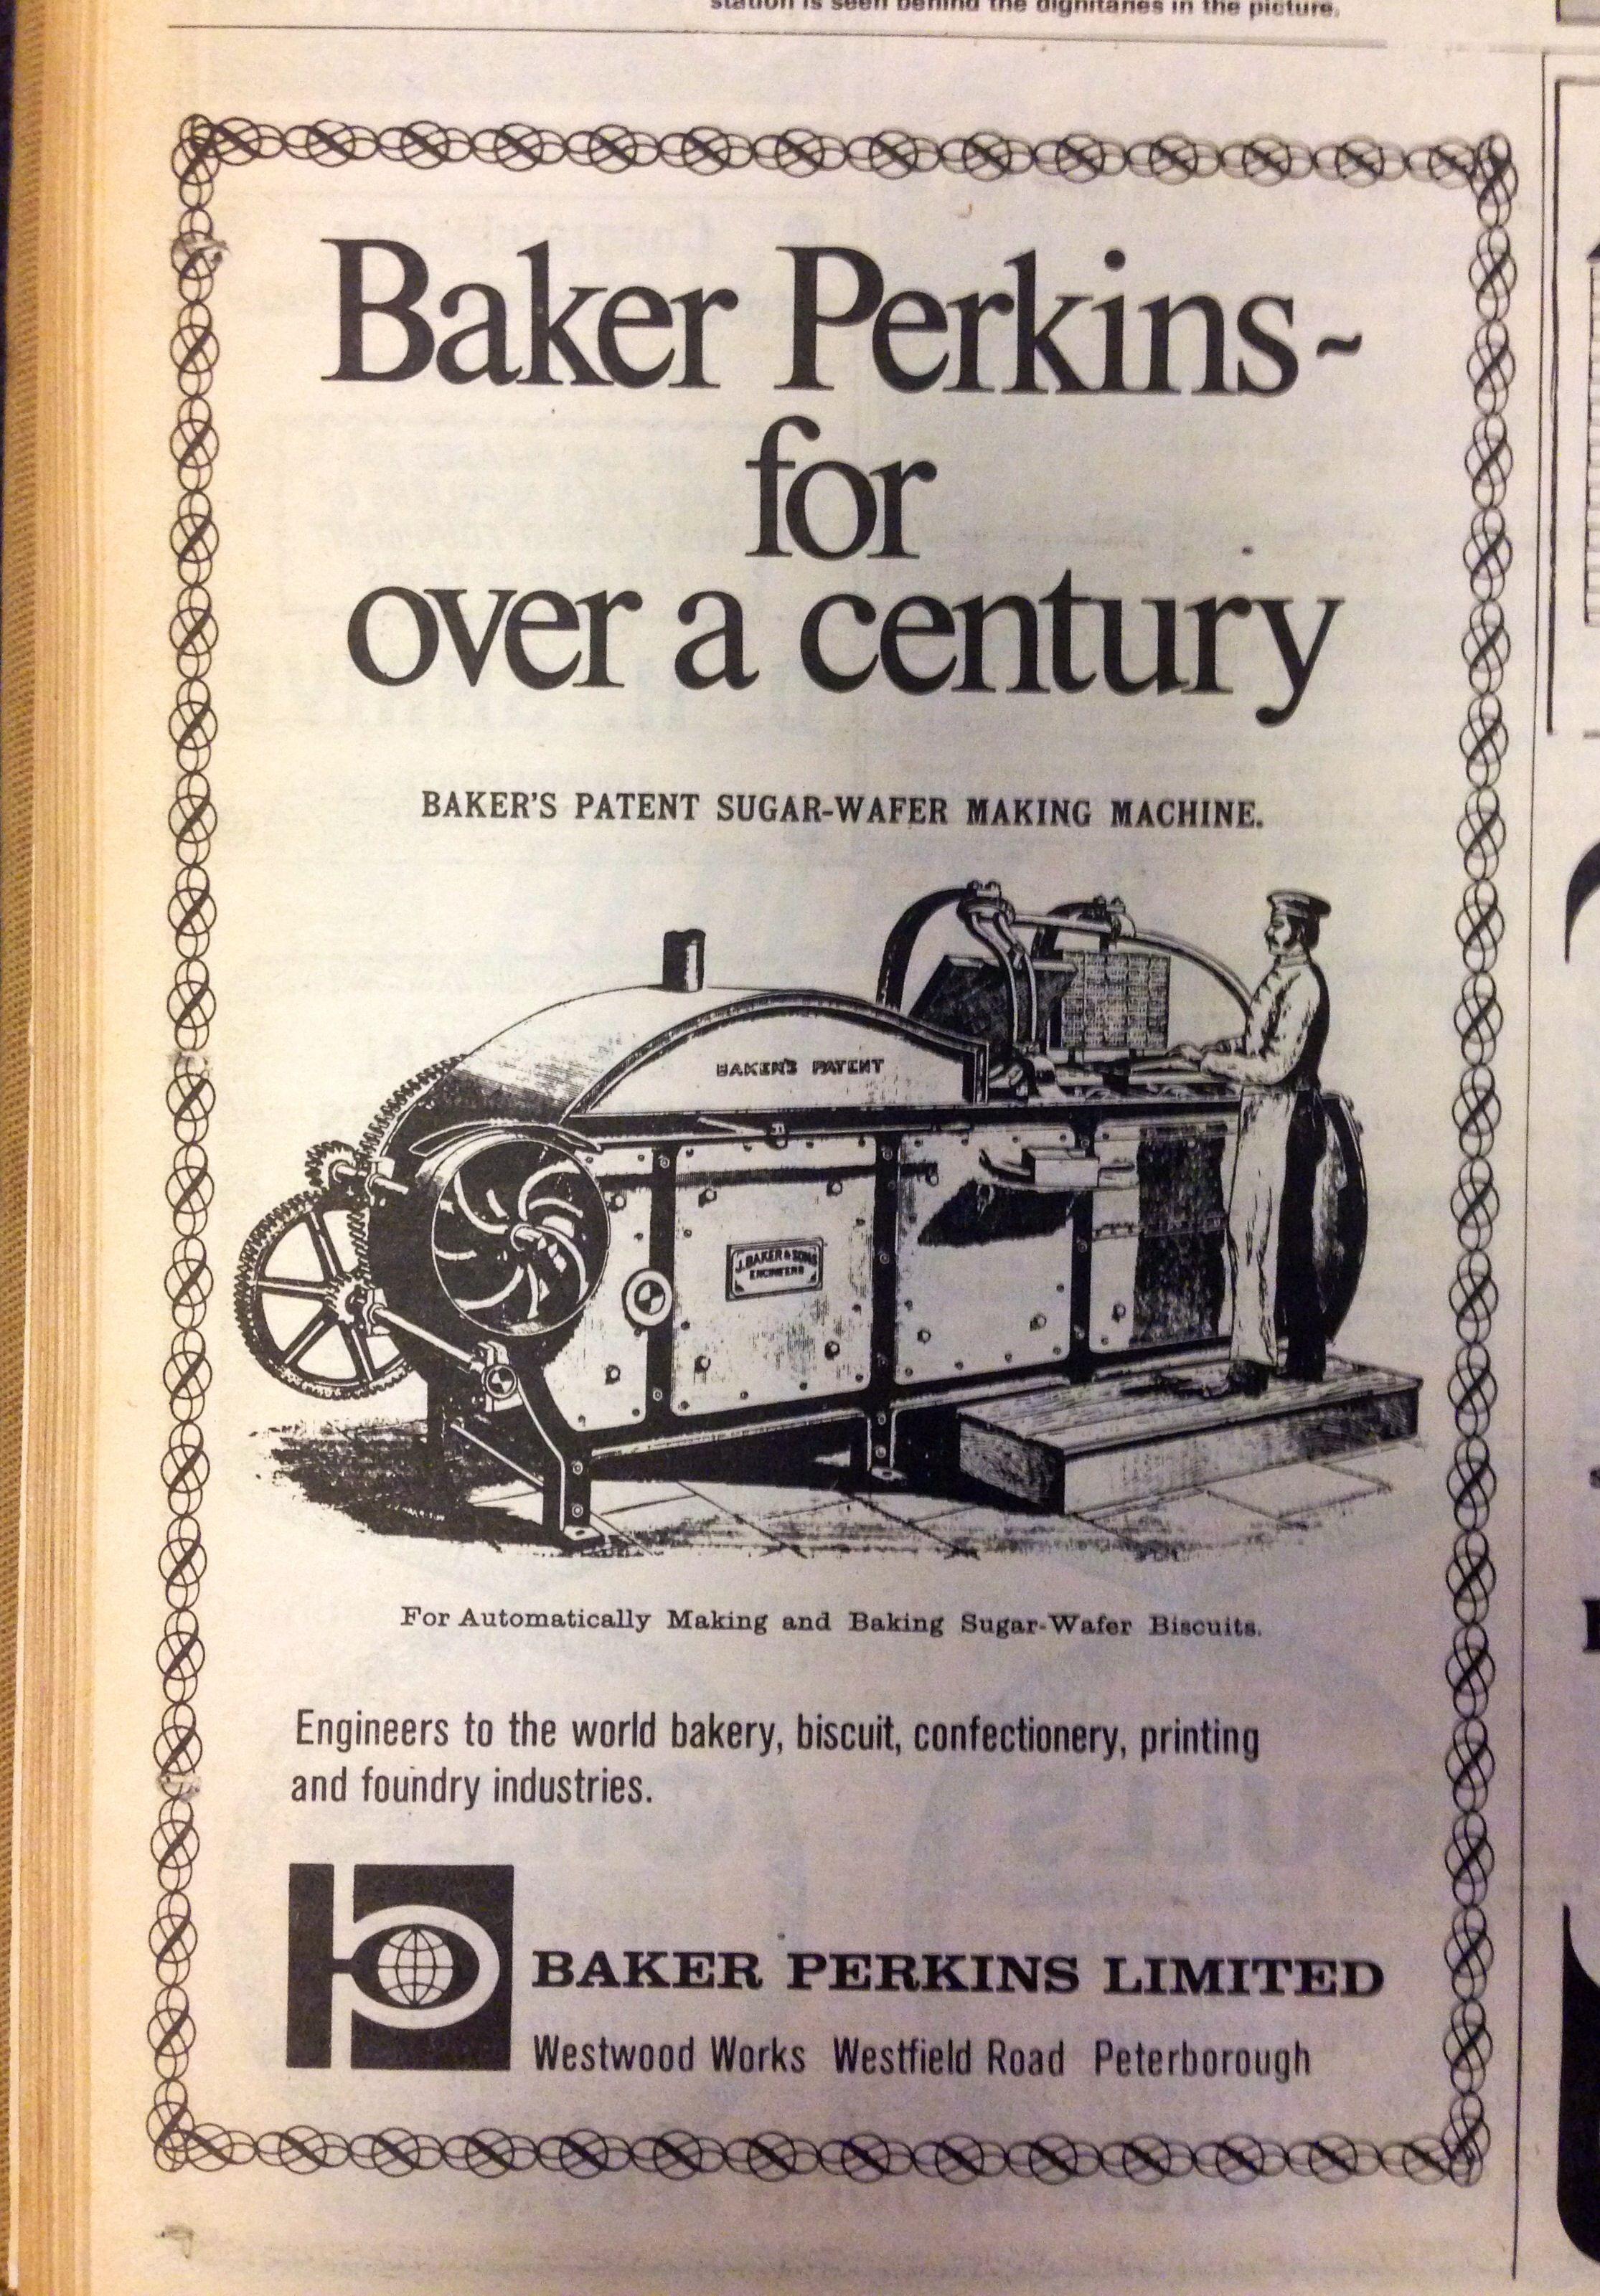 Baker Perkins advert from The Evening Telegraph, 1974